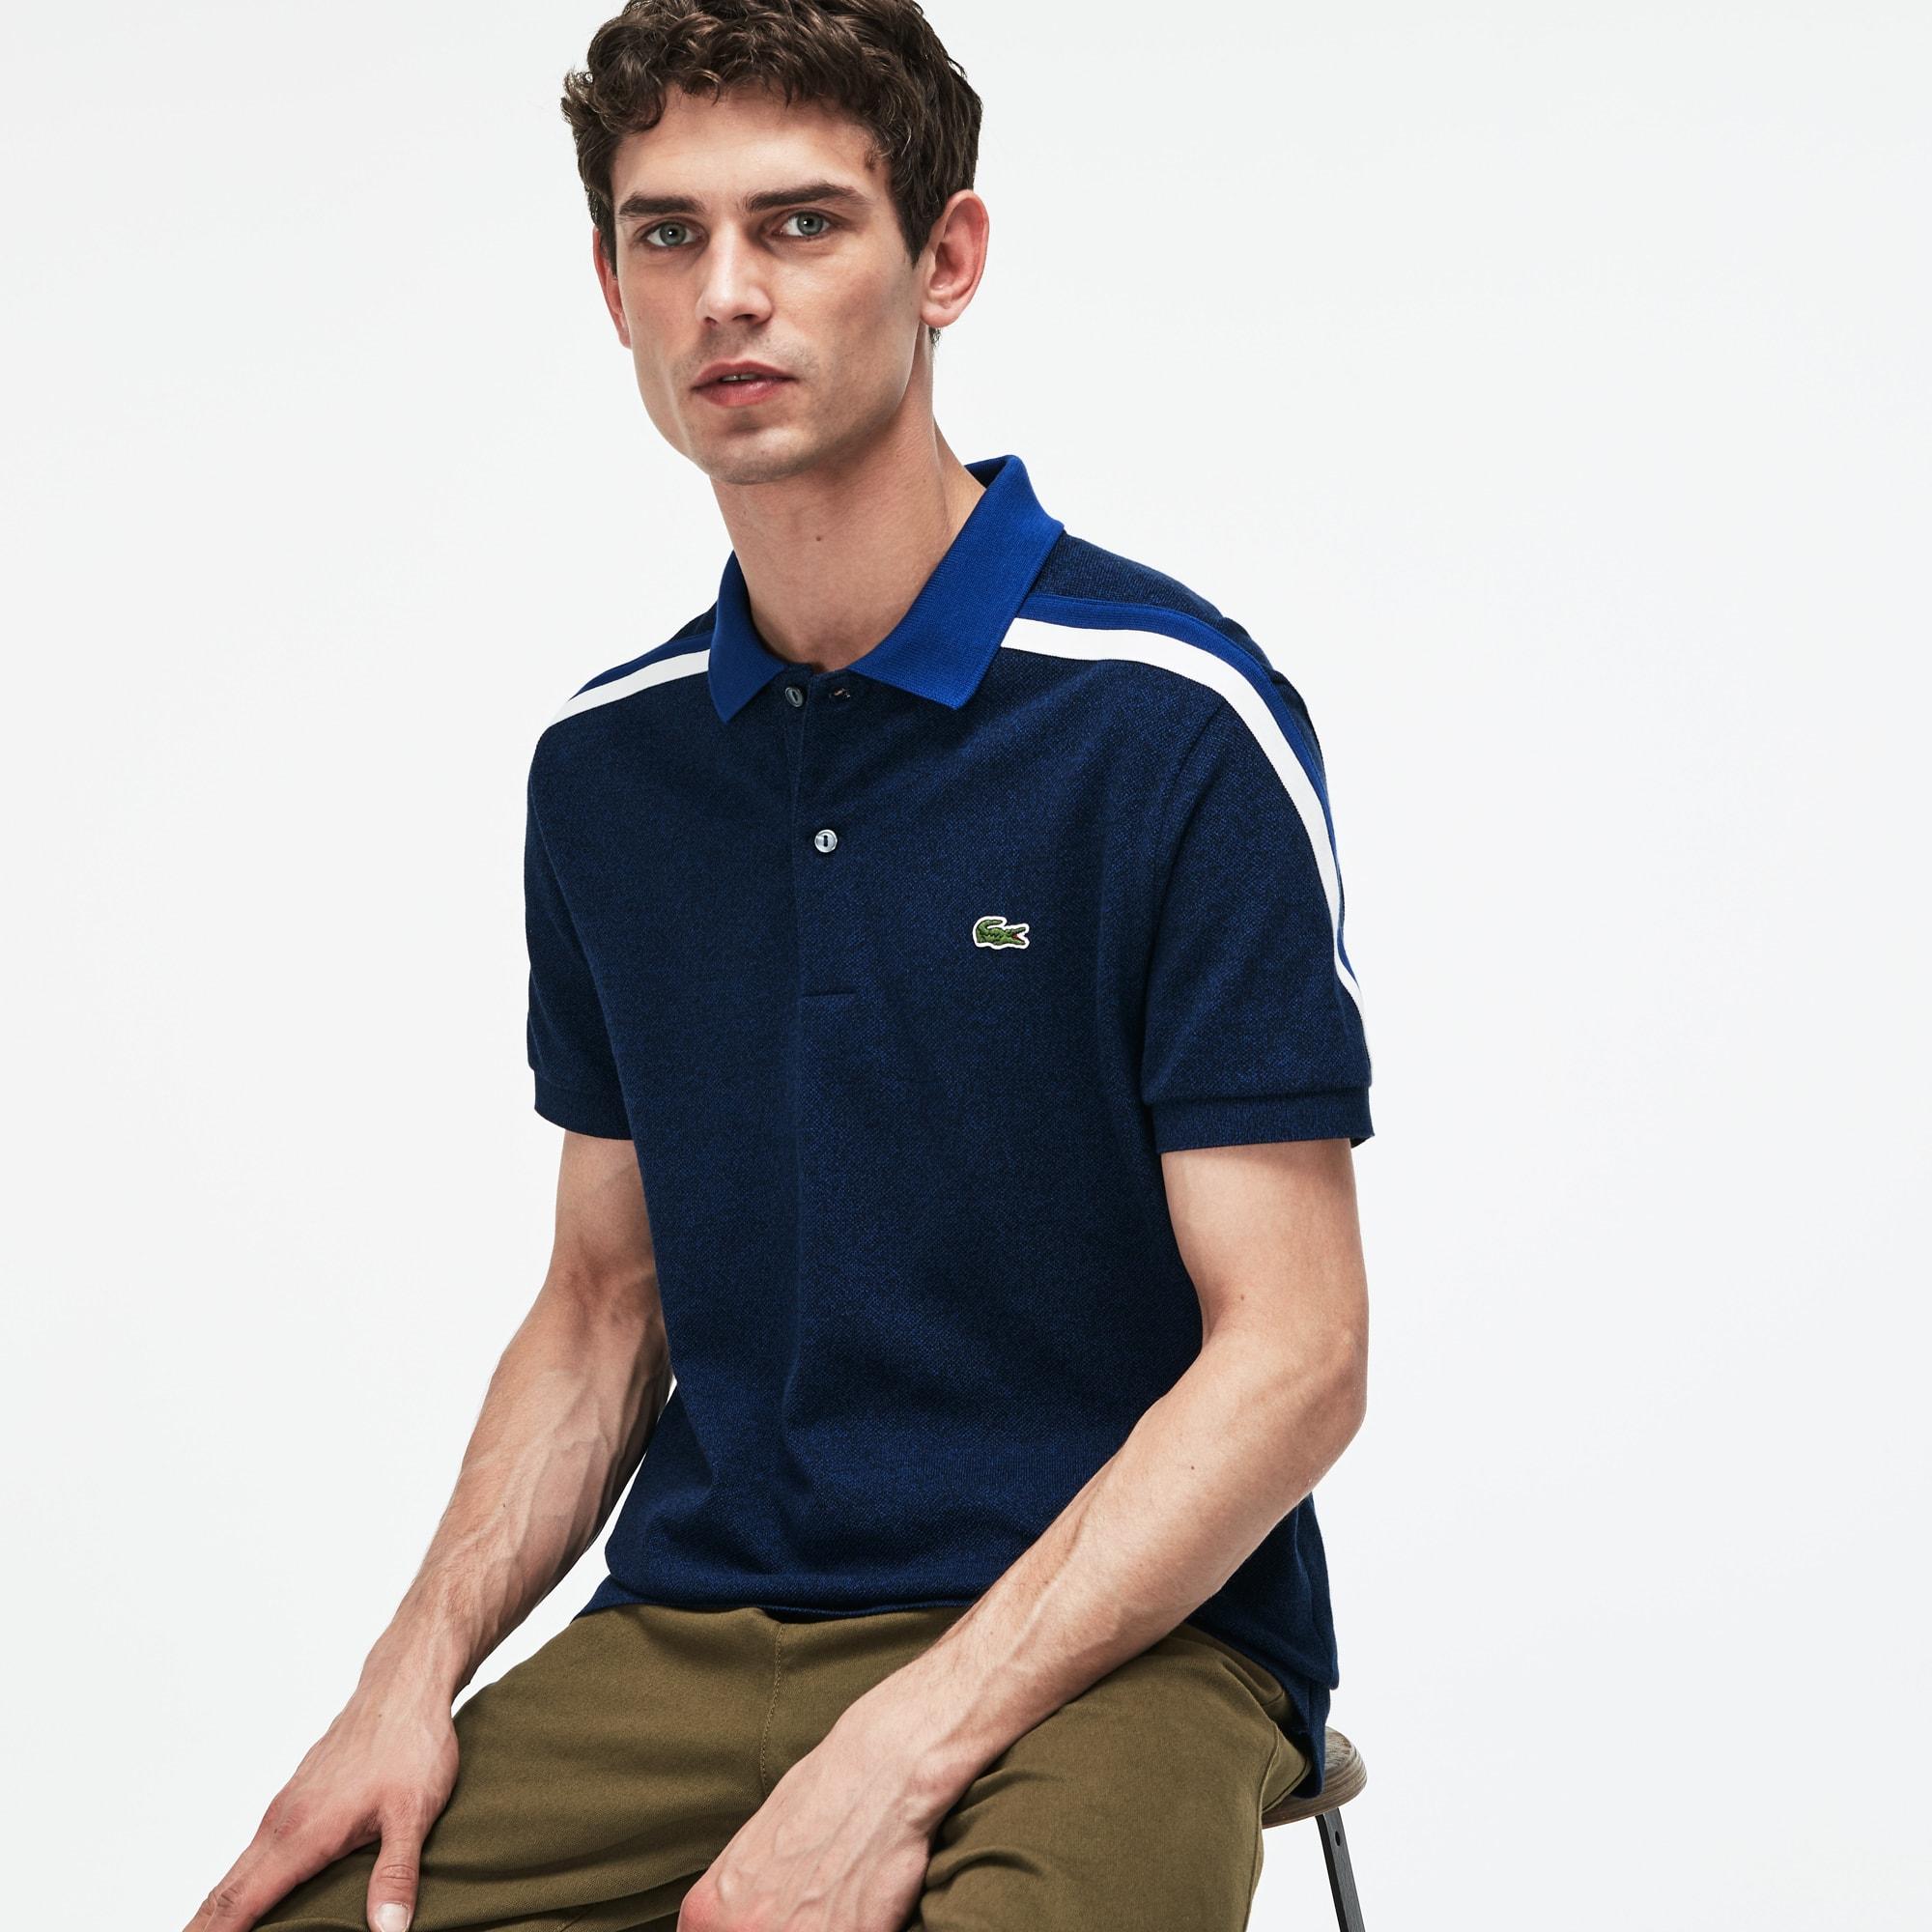 LACOSTE Regular Fit Herren-Poloshirt aus Baumwoll-Piqué